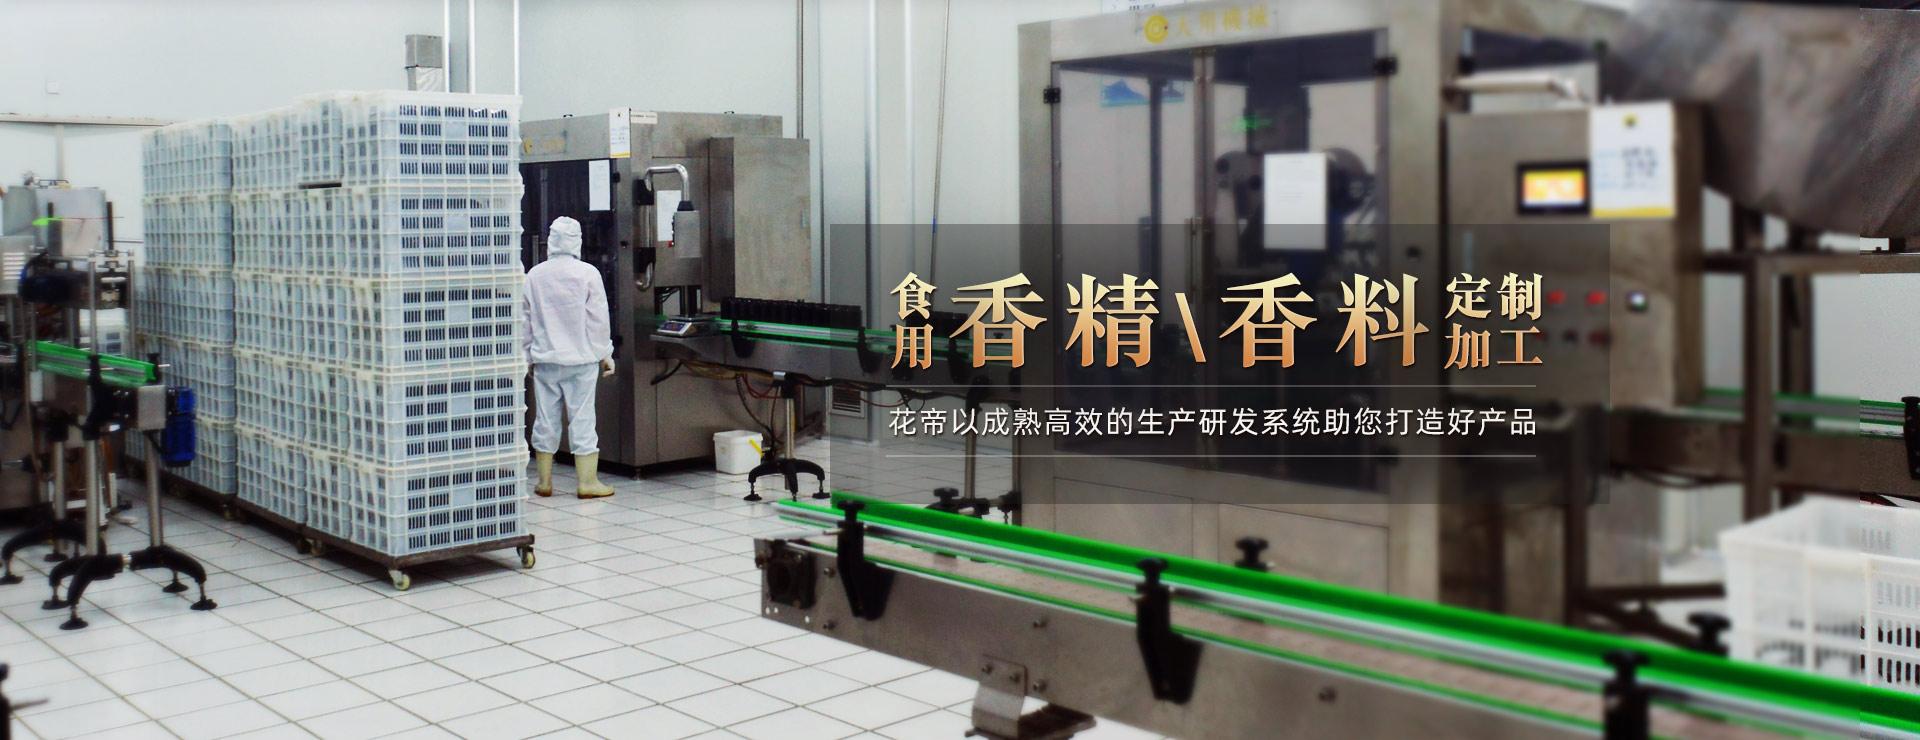 花帝以成熟高效的生产研发系统助您打造好产品